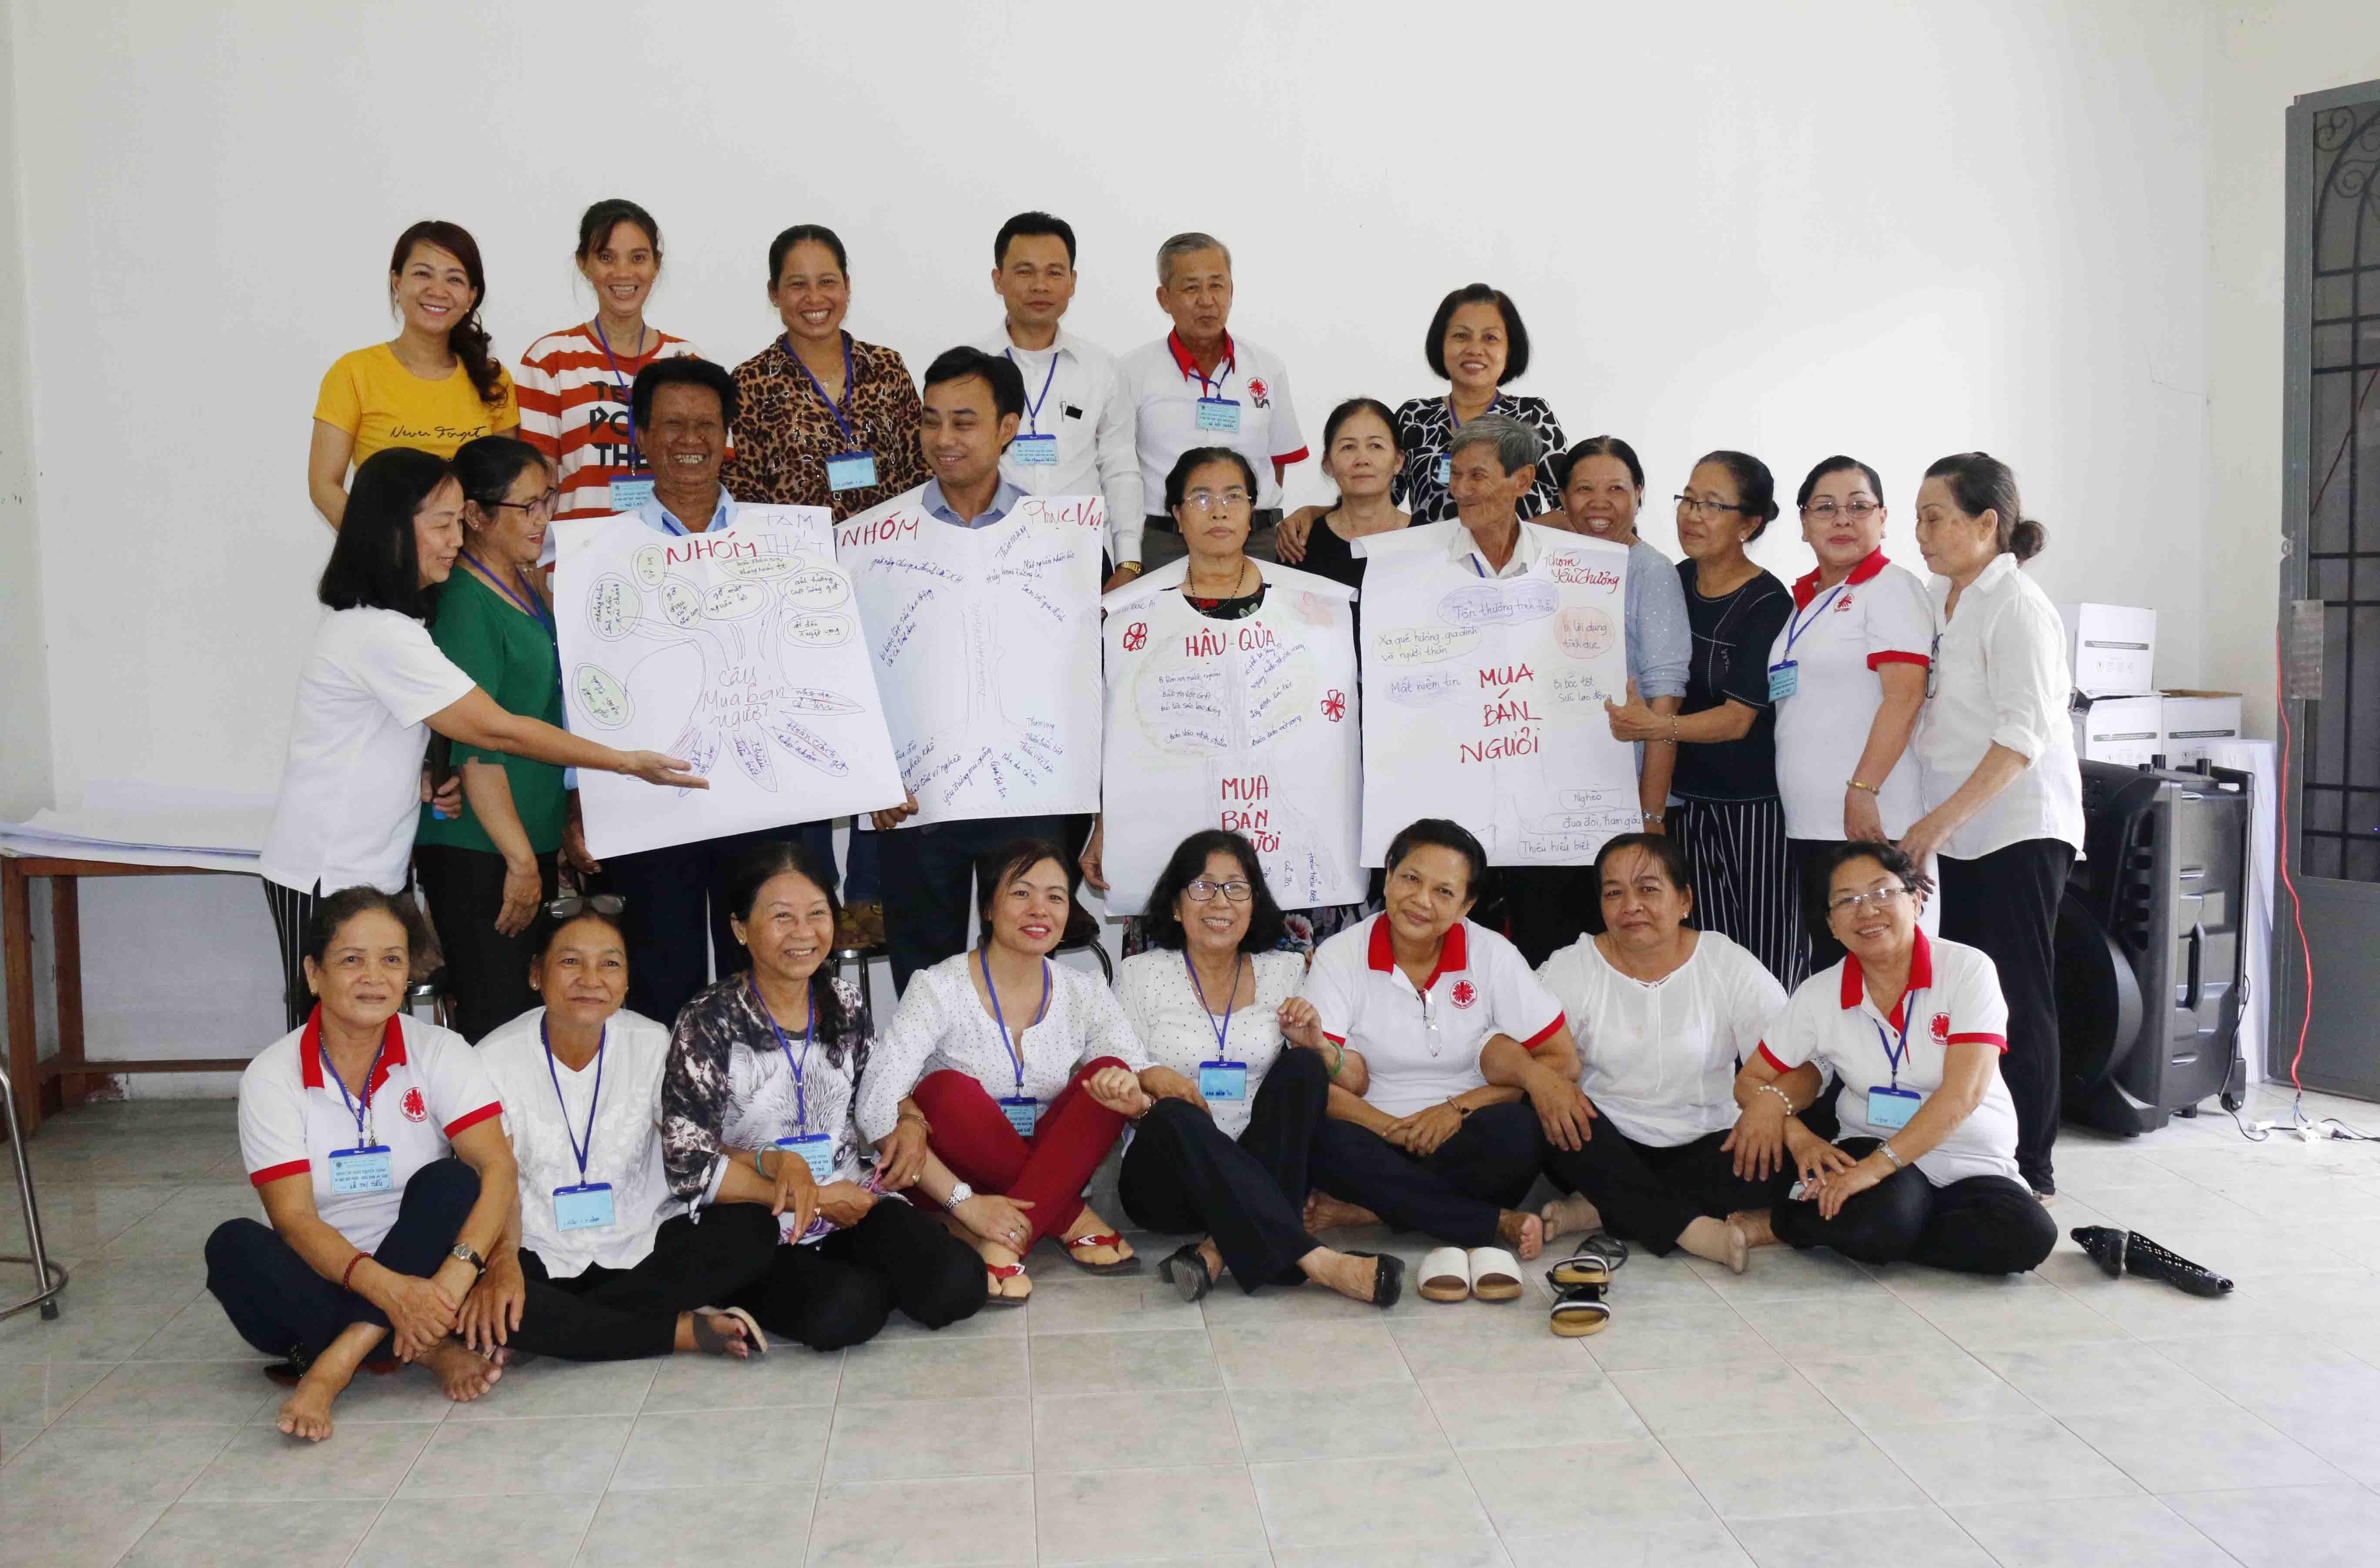 Caritas Phú Cường: Tập huấn khóa III về Di Cư Hợp Pháp - Mưu Sinh An Toàn tại Giáo hạt Củ Chi